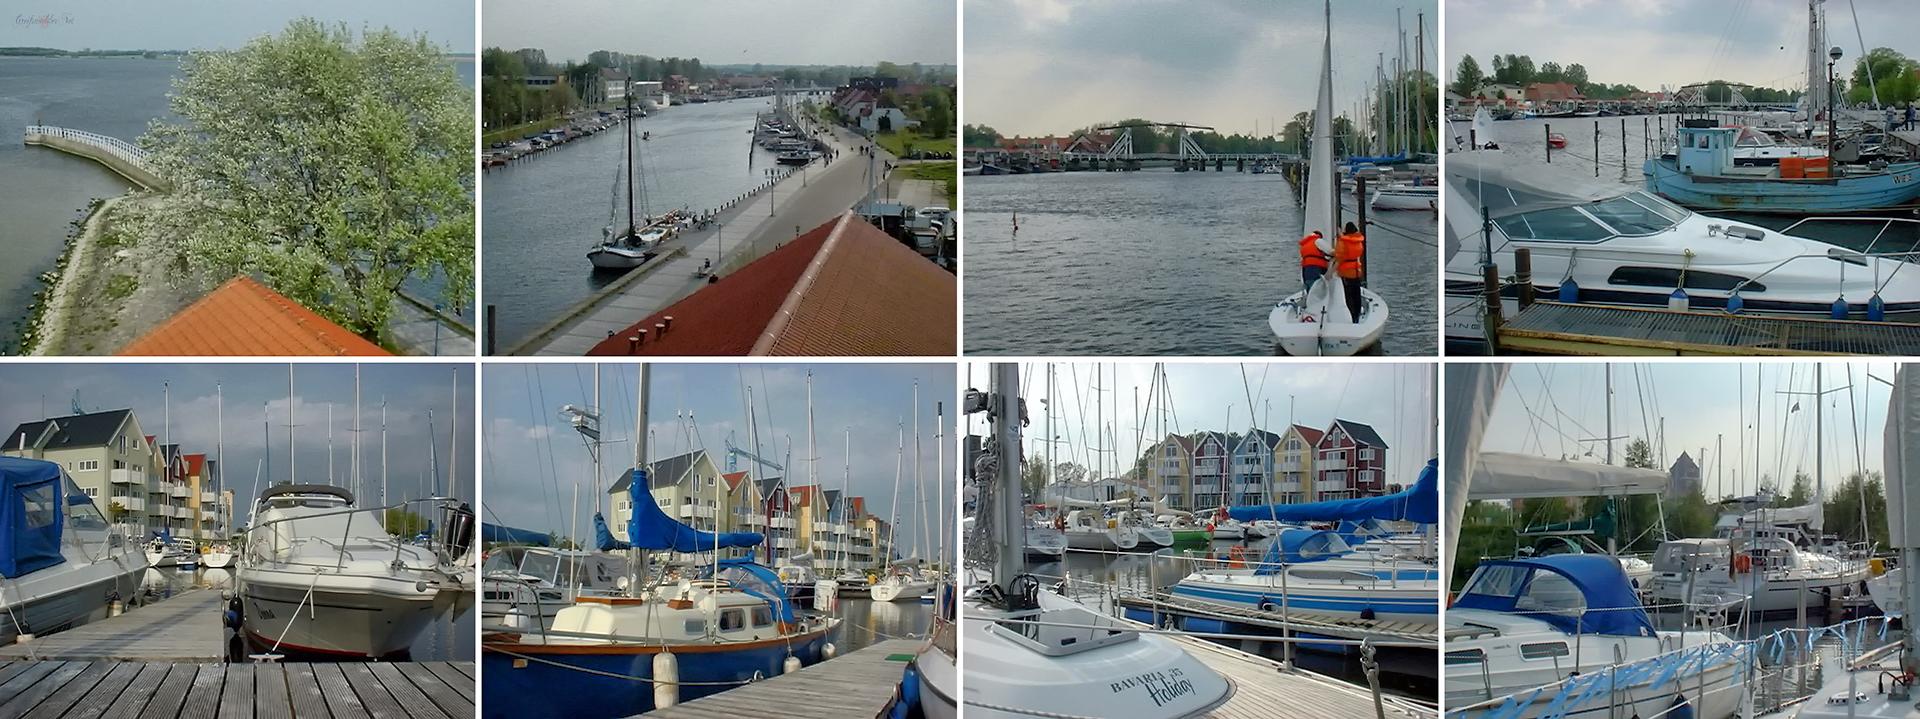 Hafen Greifswald-Wieck und Marina Holzteich Greifswald im Mai 2002